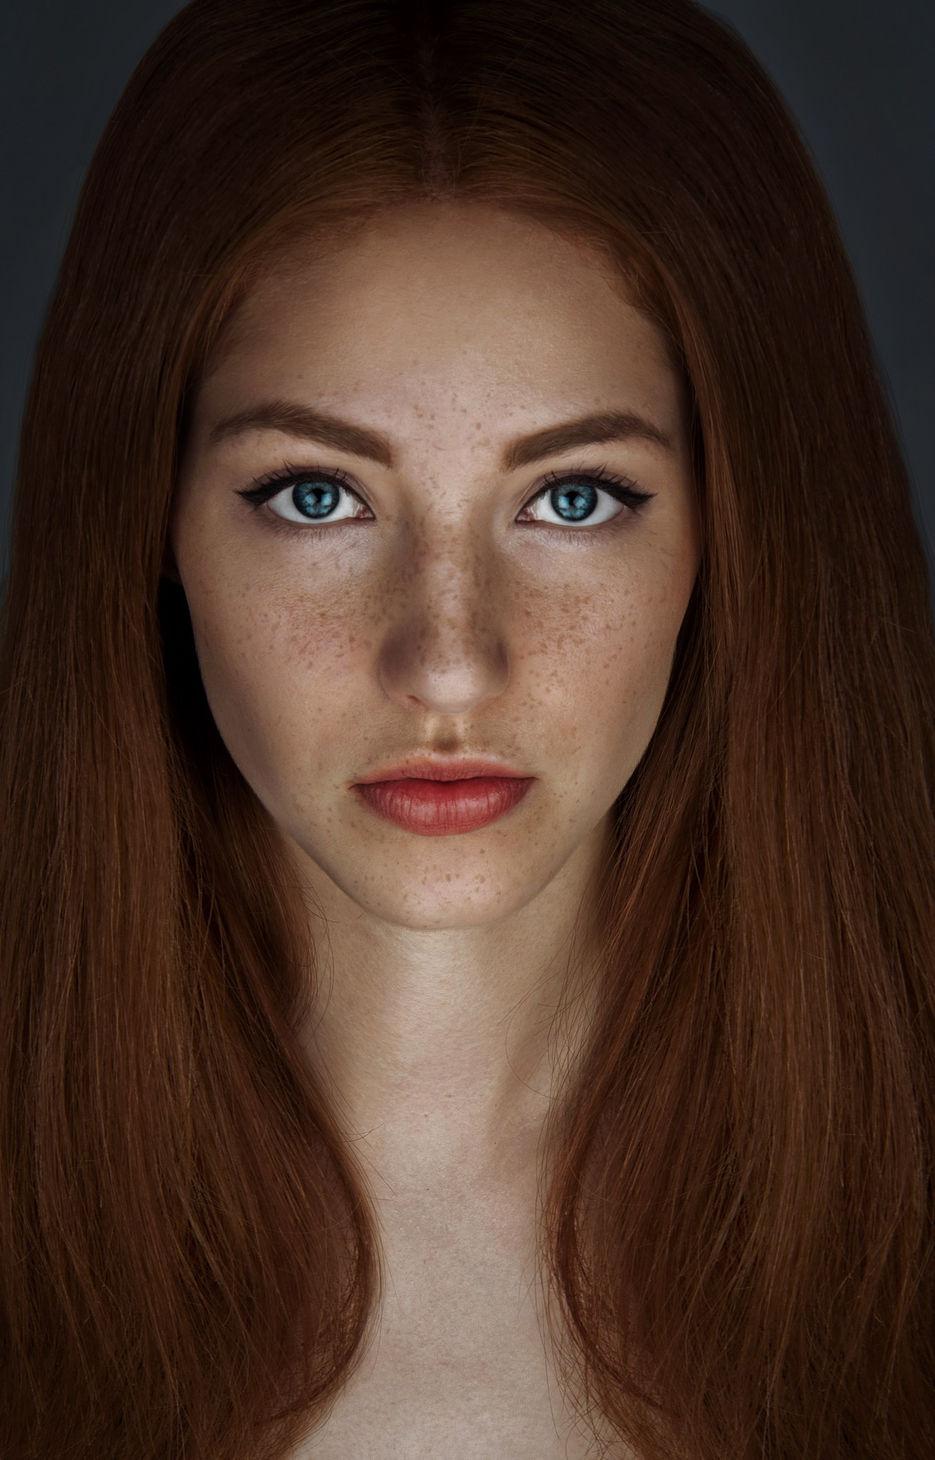 Портреты девушек фото без обработки